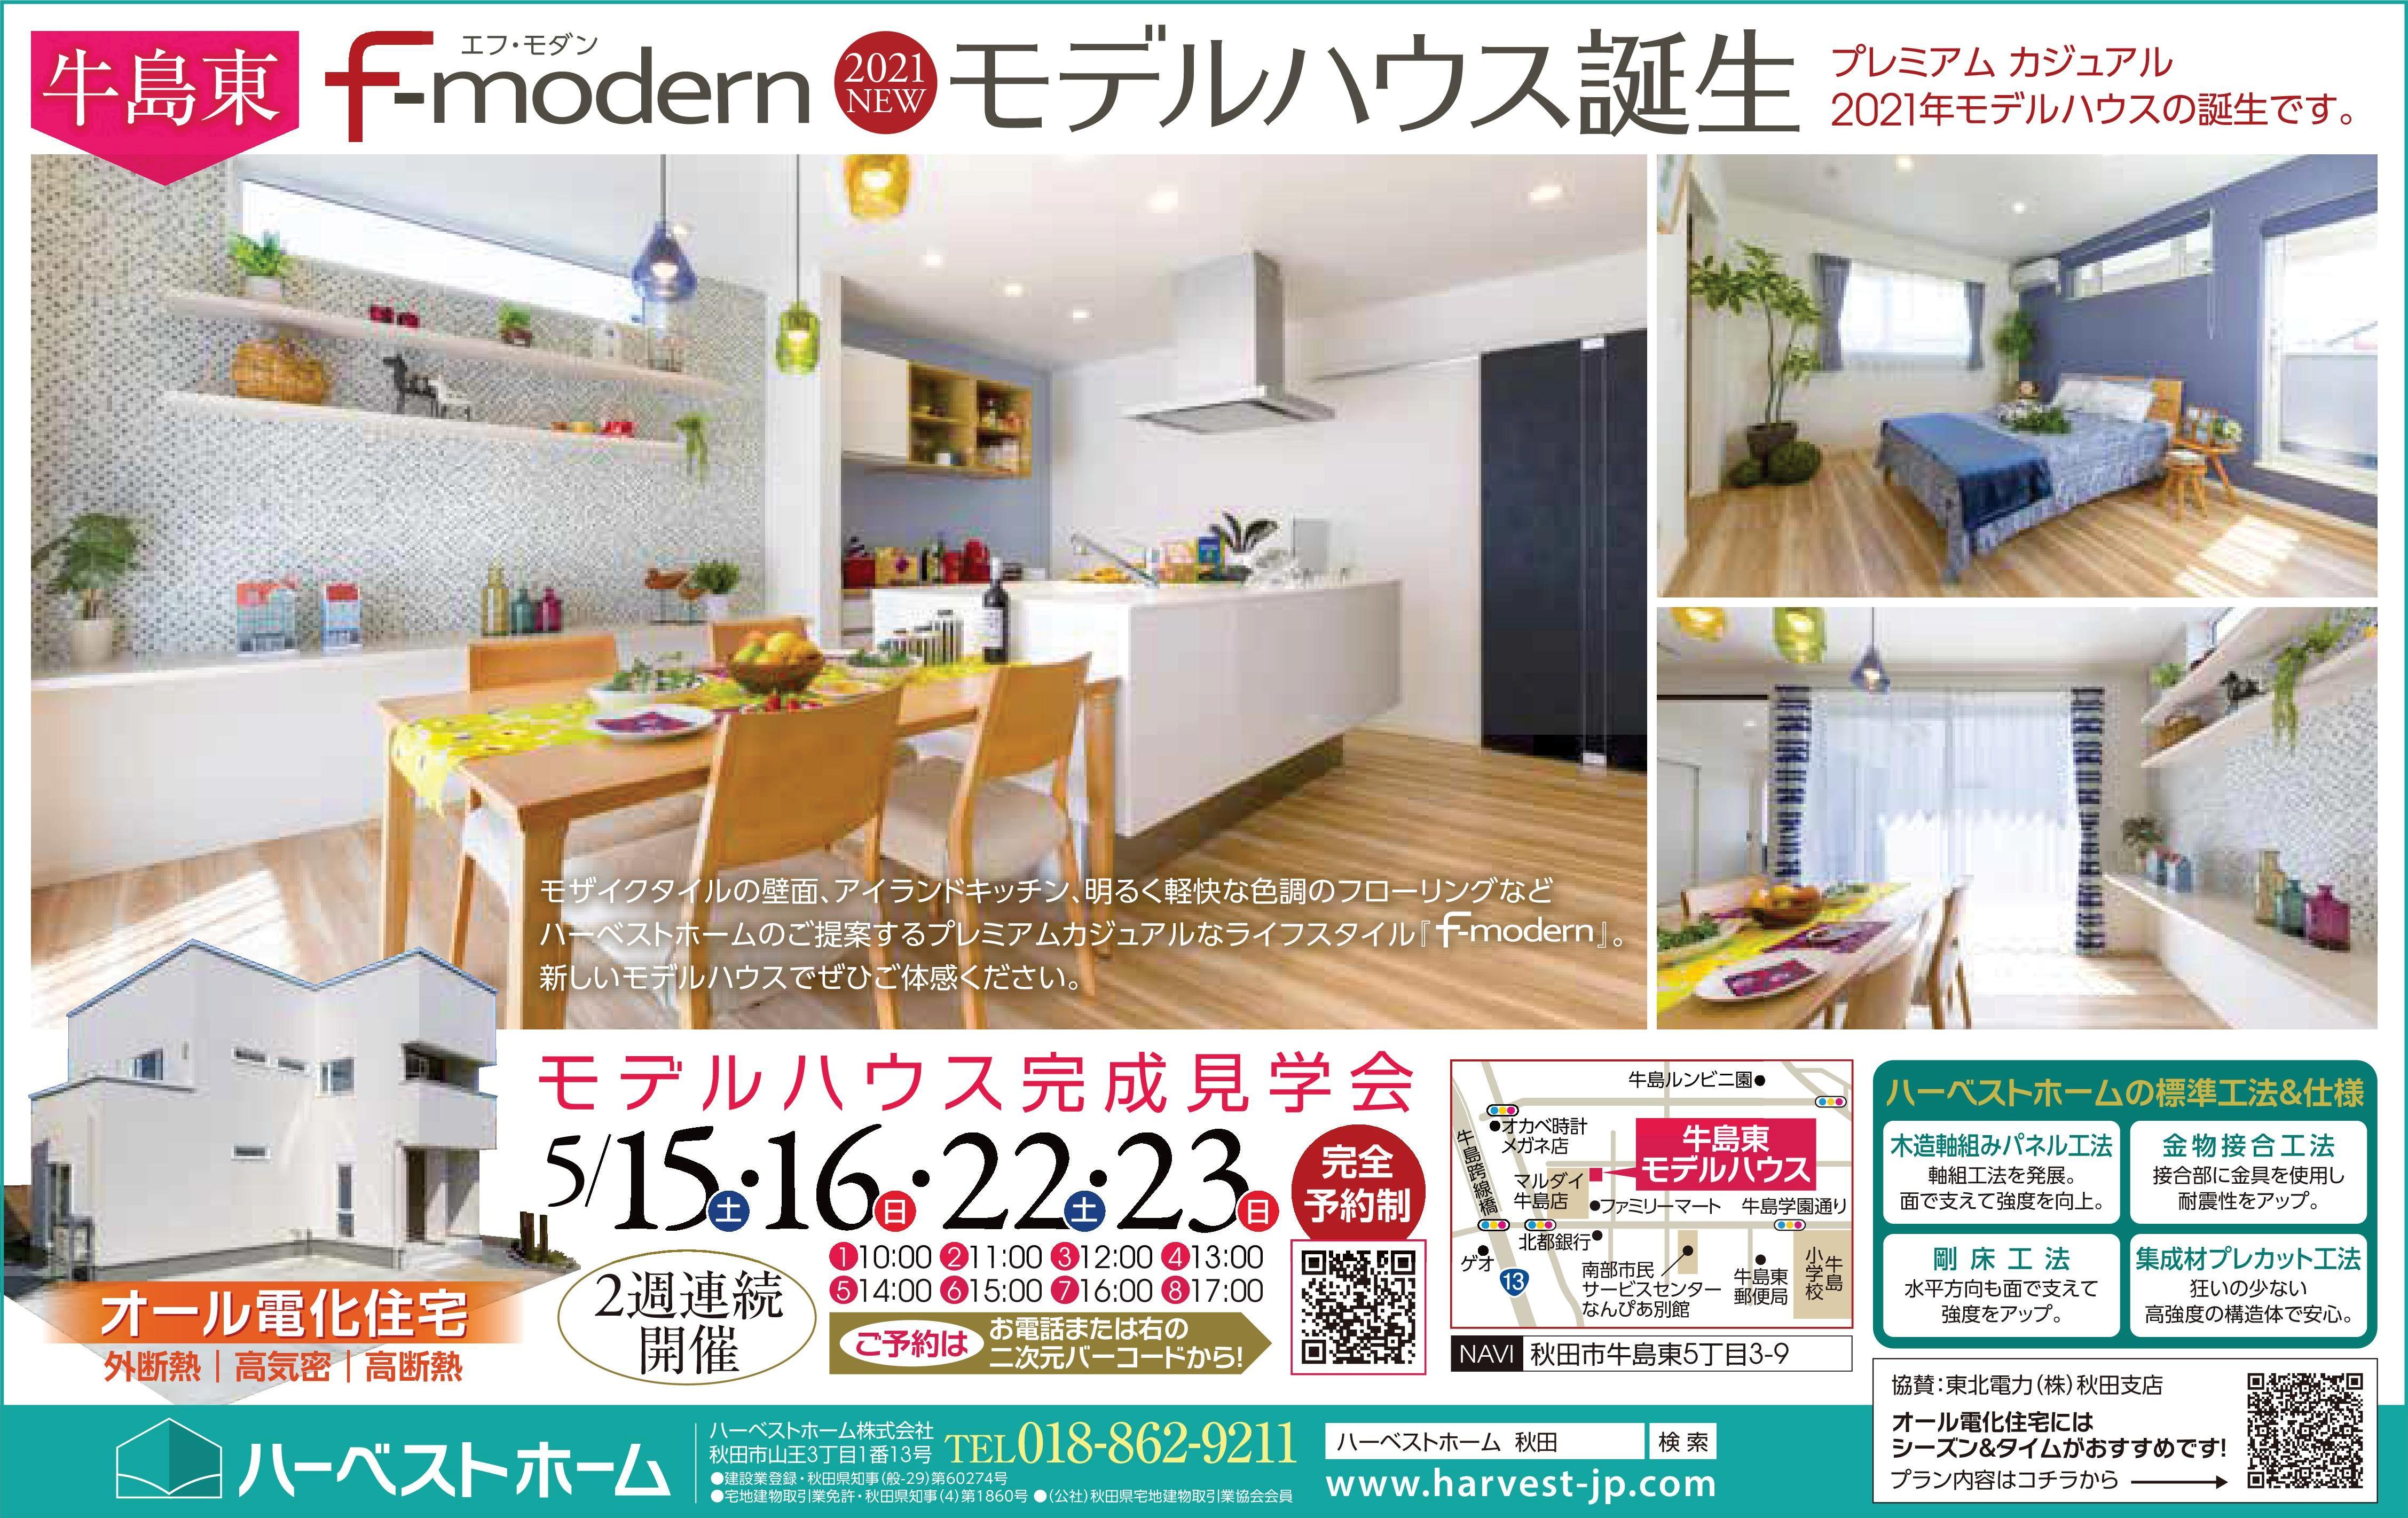 いよいよオープン『牛島東モデルハウス』5/15㈯